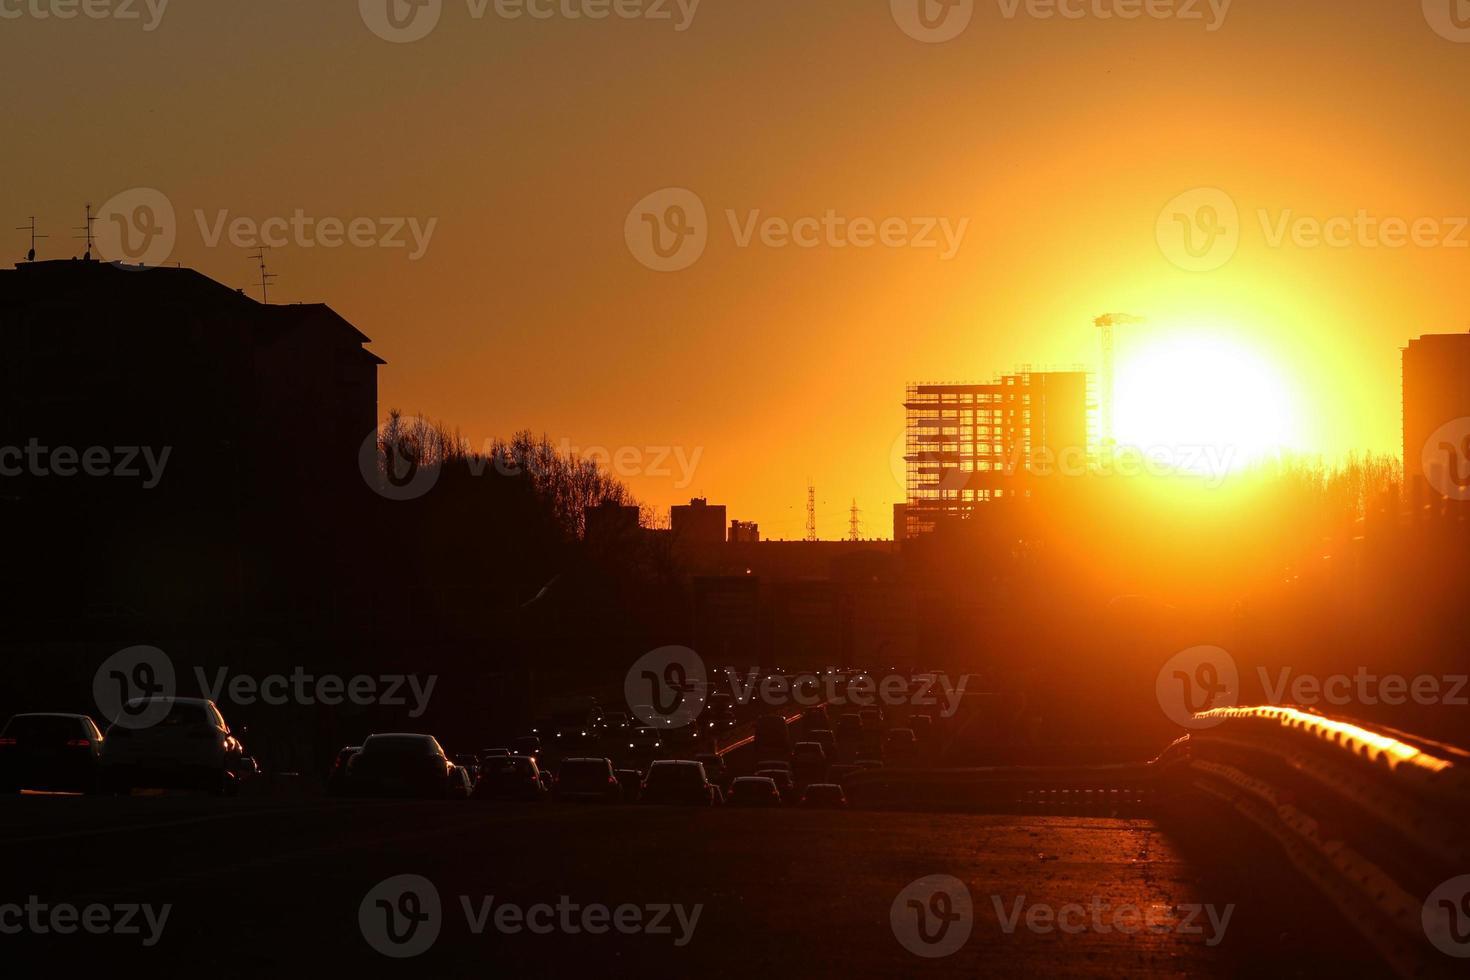 autostrada al tramonto foto